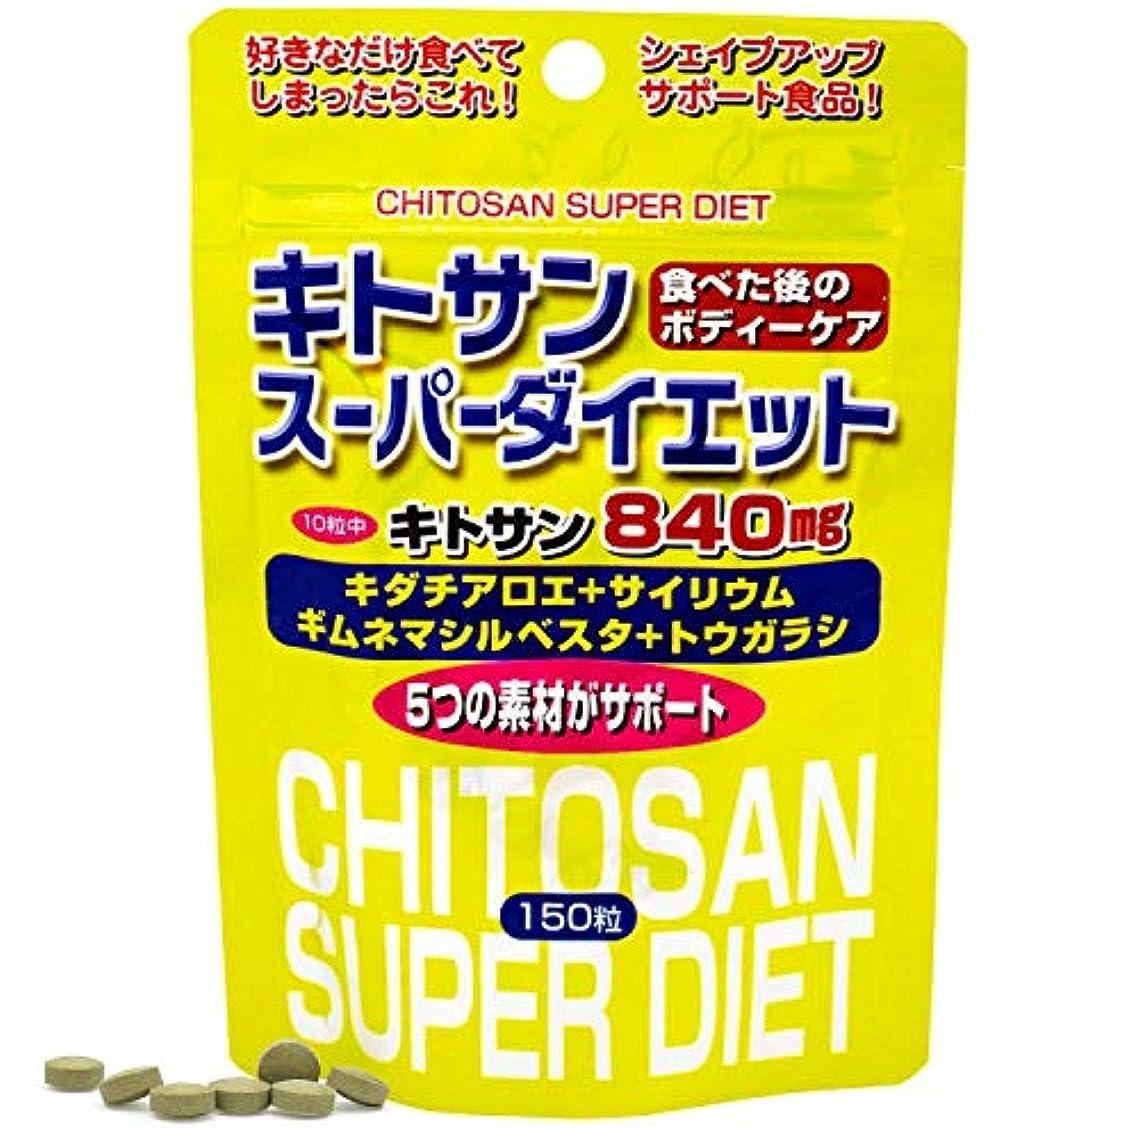 エーカーおバナーユウキ製薬 スタンドパック キトサンスーパーダイエット 15-21日分 150粒